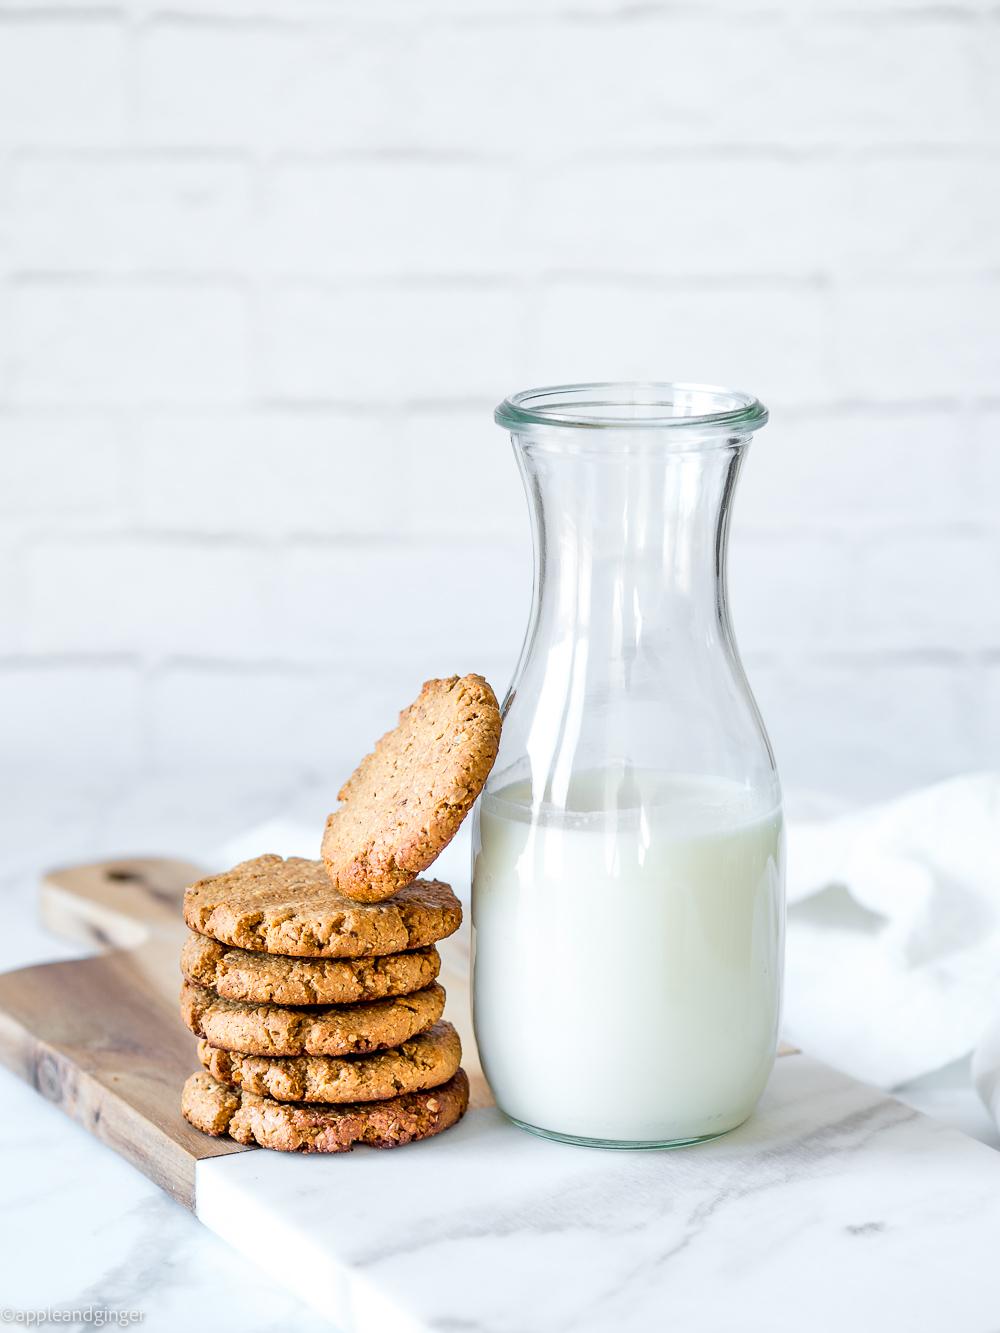 Erdnussbutter-Cookies mit einer Flasche Milch